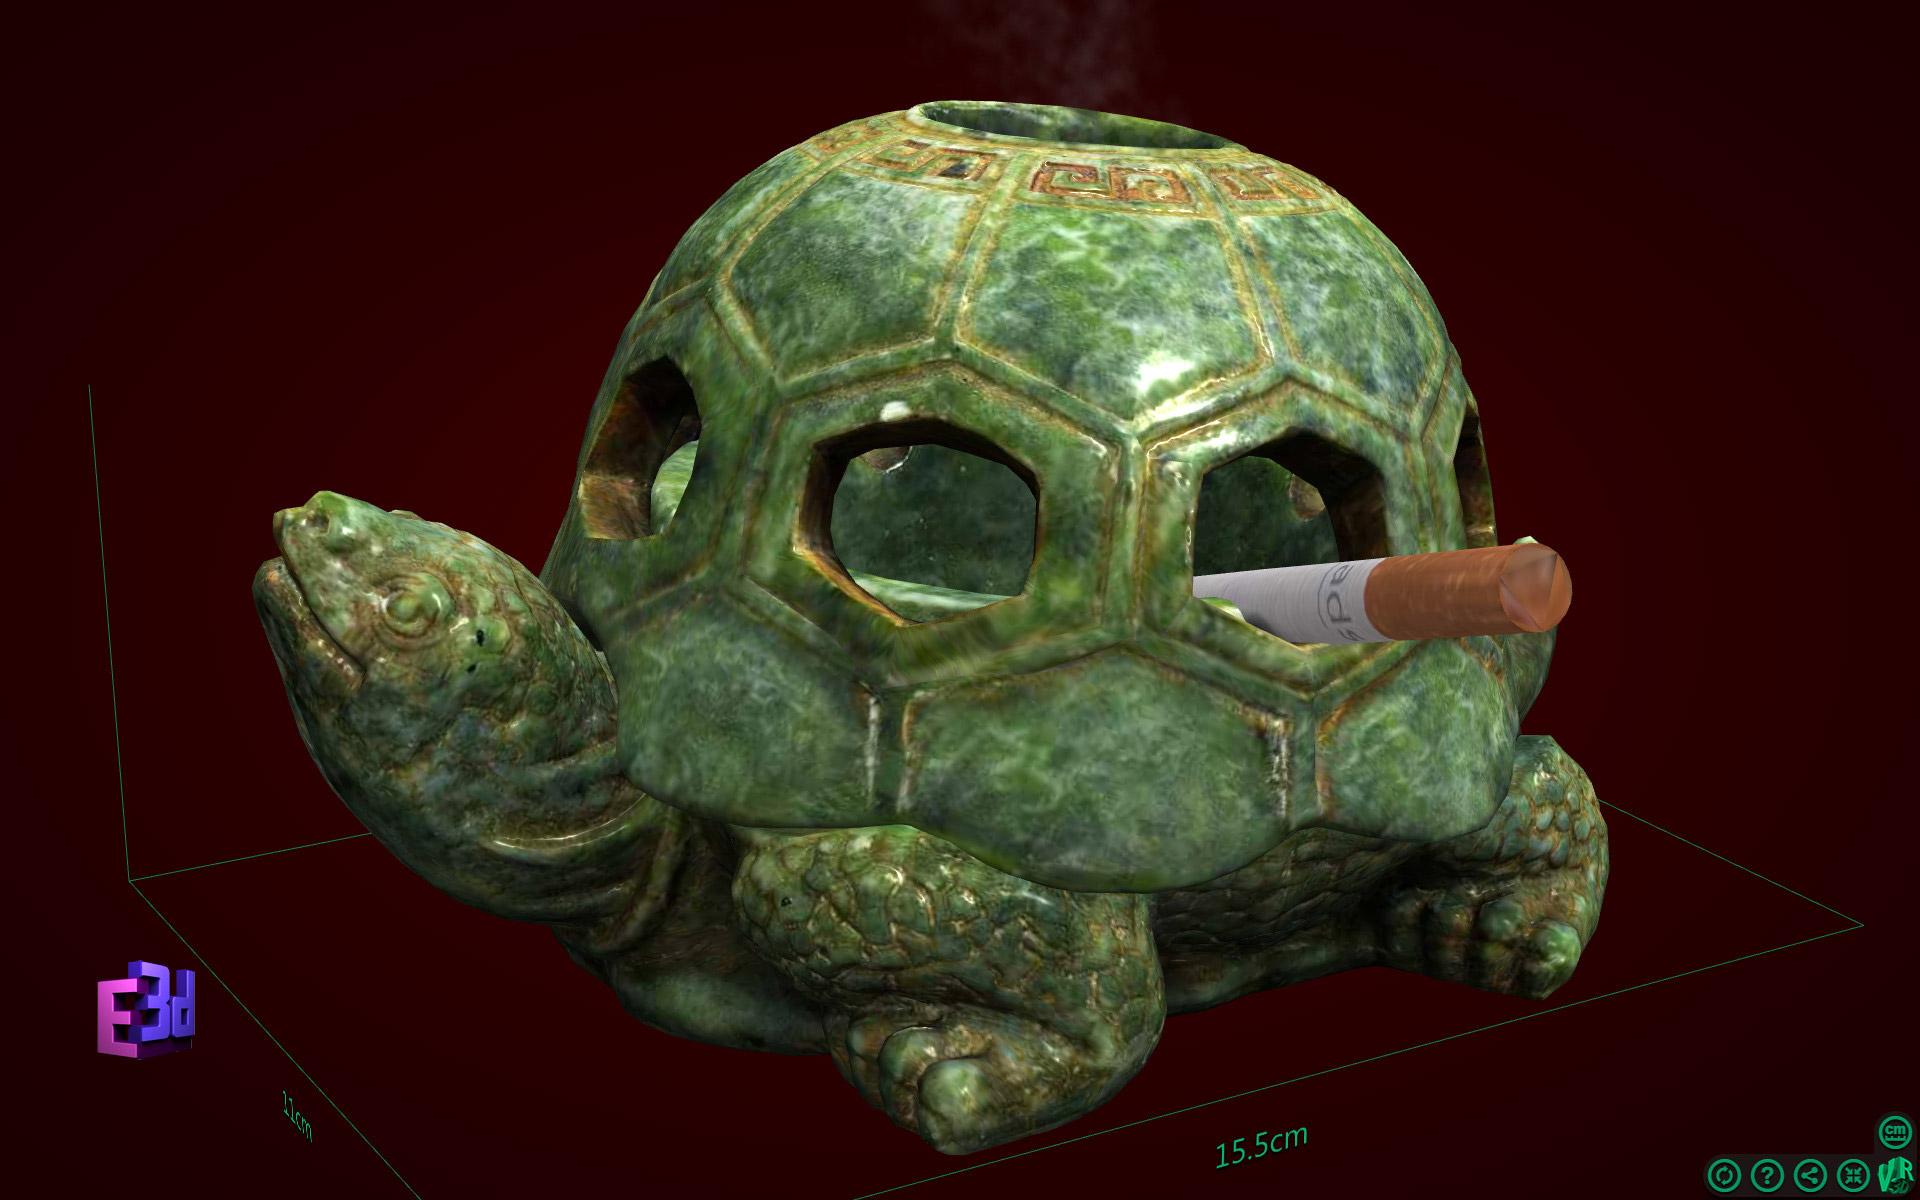 Gạt tàn rùa - Quà mừng thọ ông